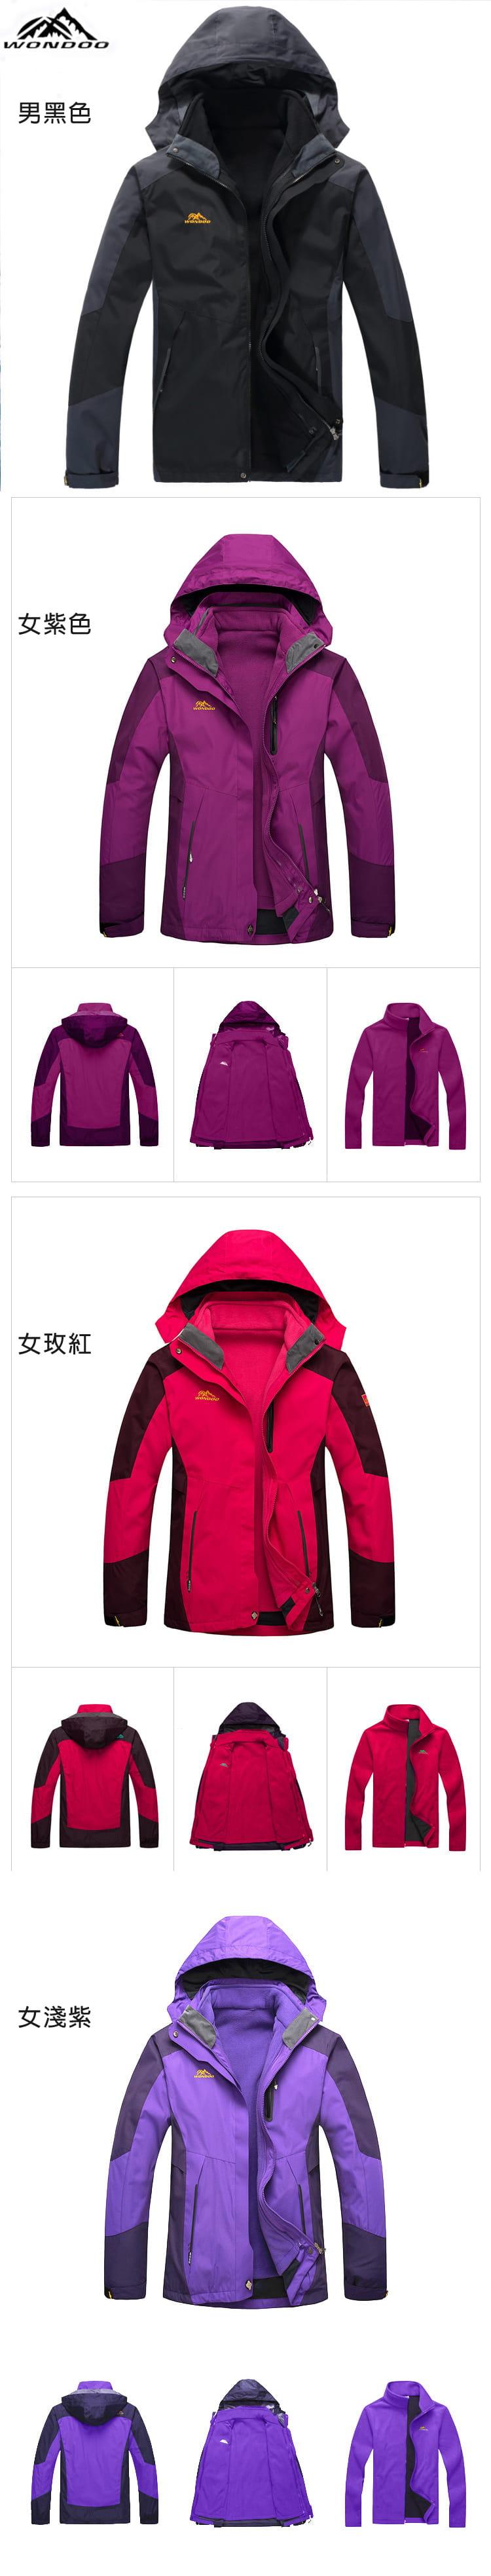 加大碼三合一真禦寒機能衝鋒衣外套  防水防風戶外登山外套 男/女款 XL~8XL【CP16001】 12